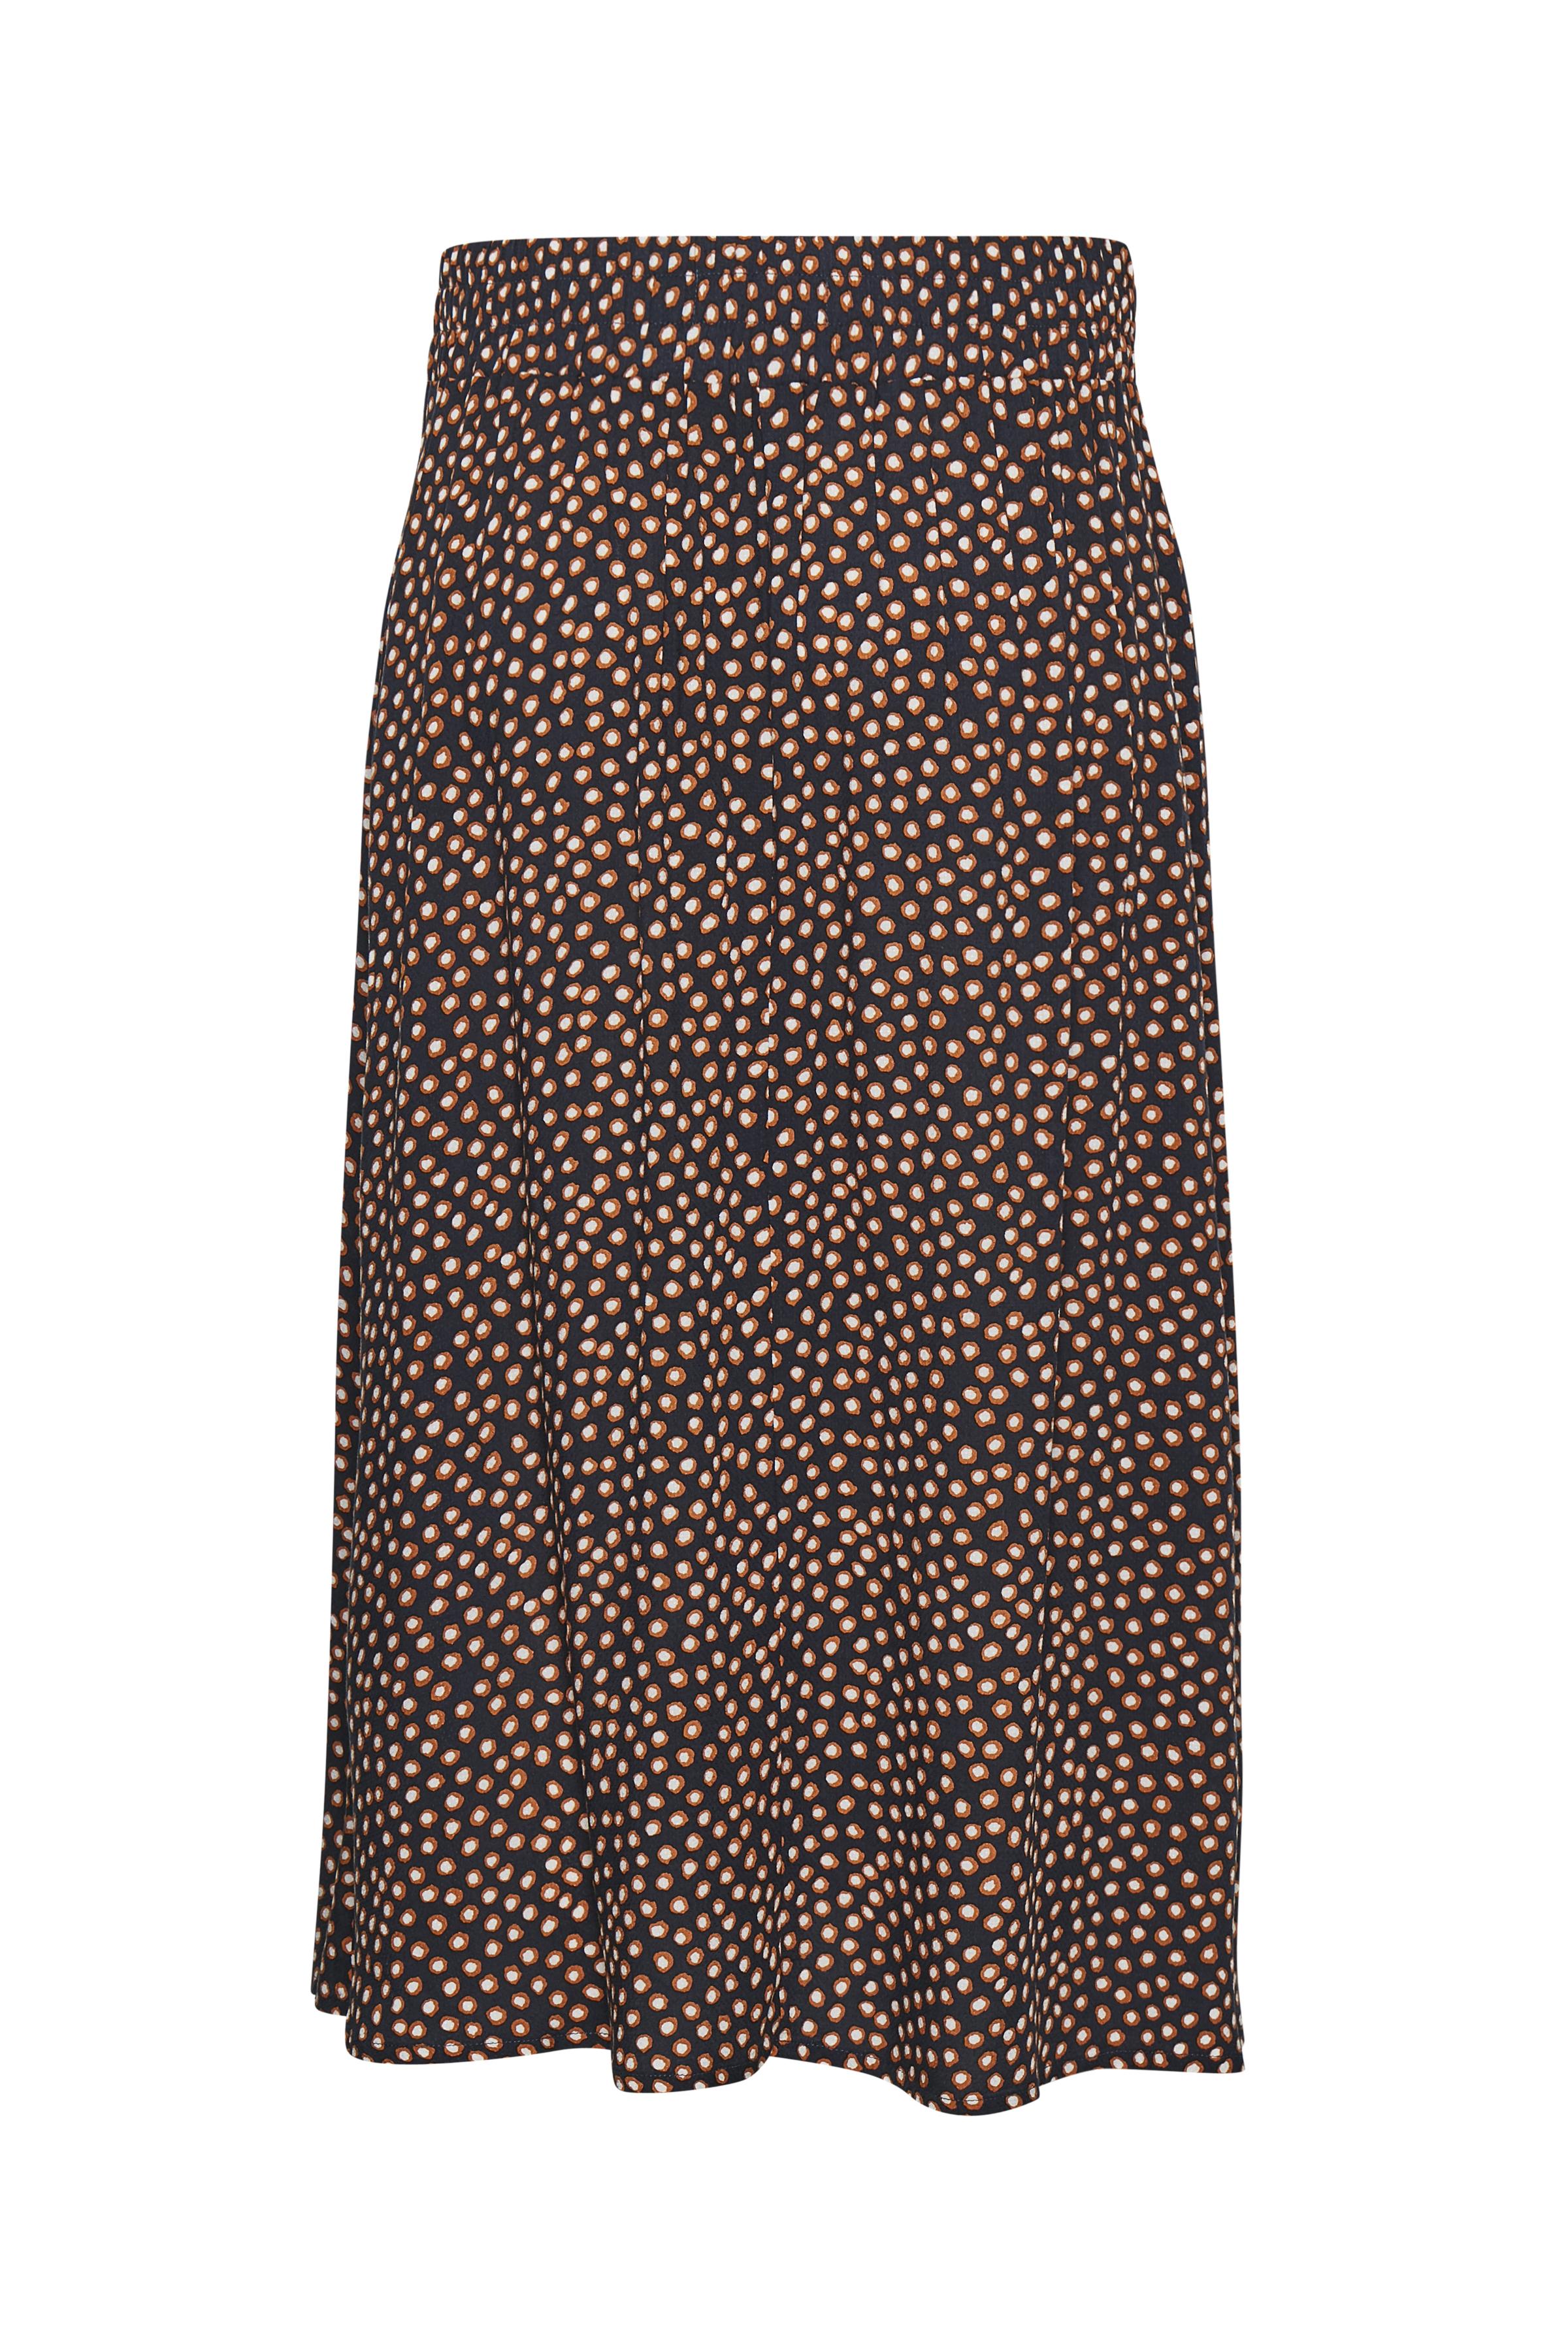 Marineblå/brun Nederdel fra Cream – Køb Marineblå/brun Nederdel fra str. 34-46 her